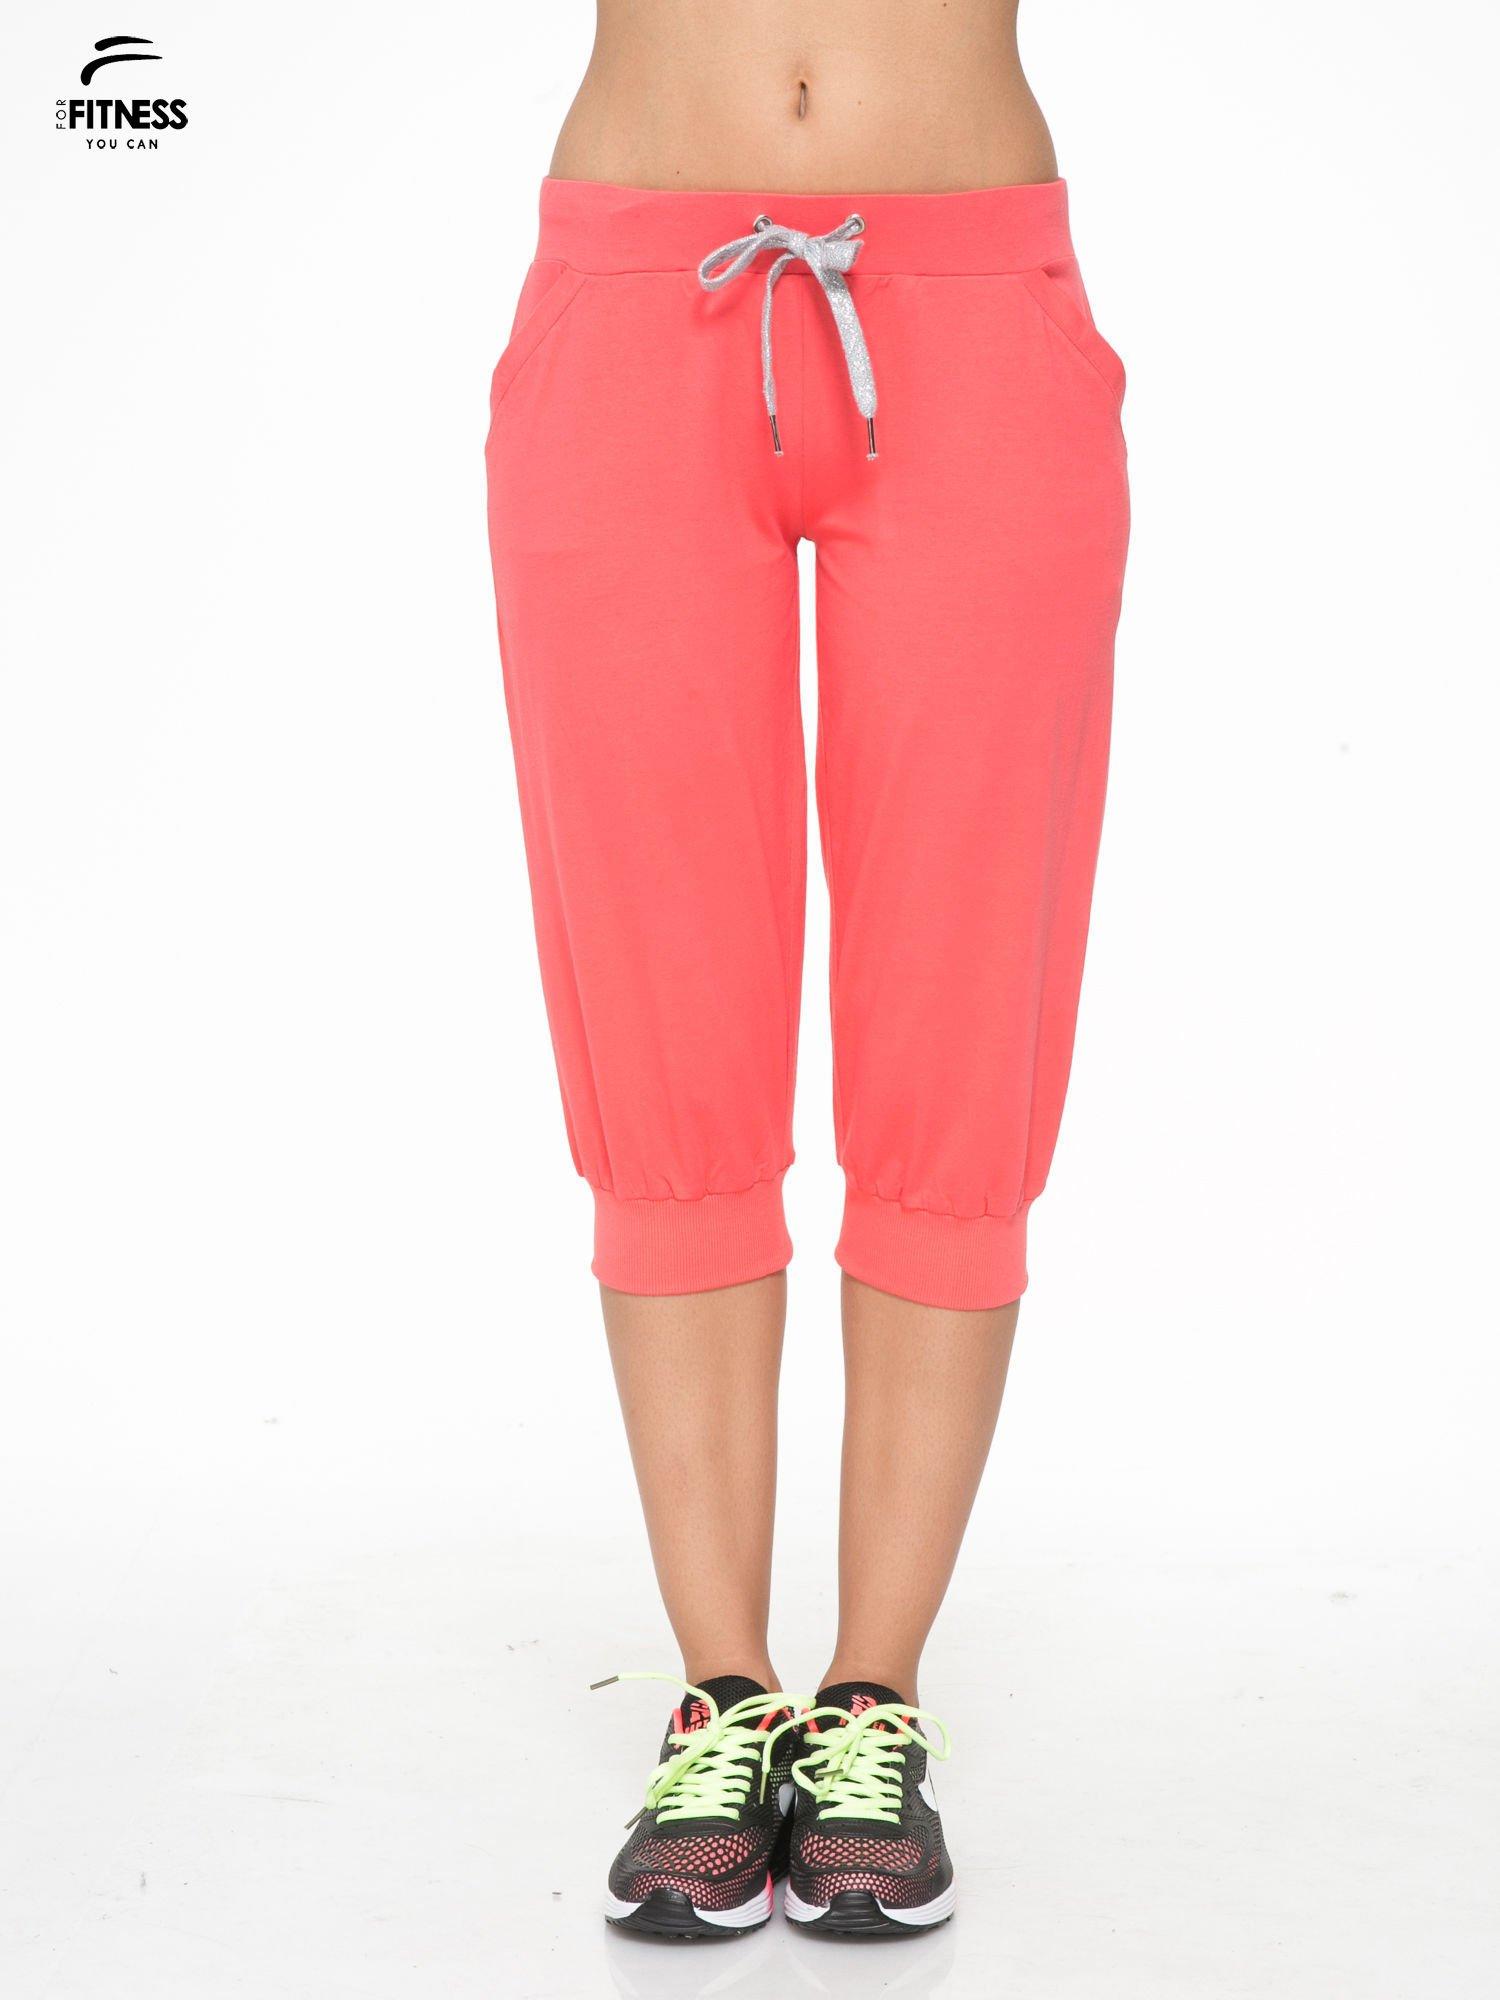 Koralowe spodnie sportowe typu capri wiązane w pasie                                  zdj.                                  1